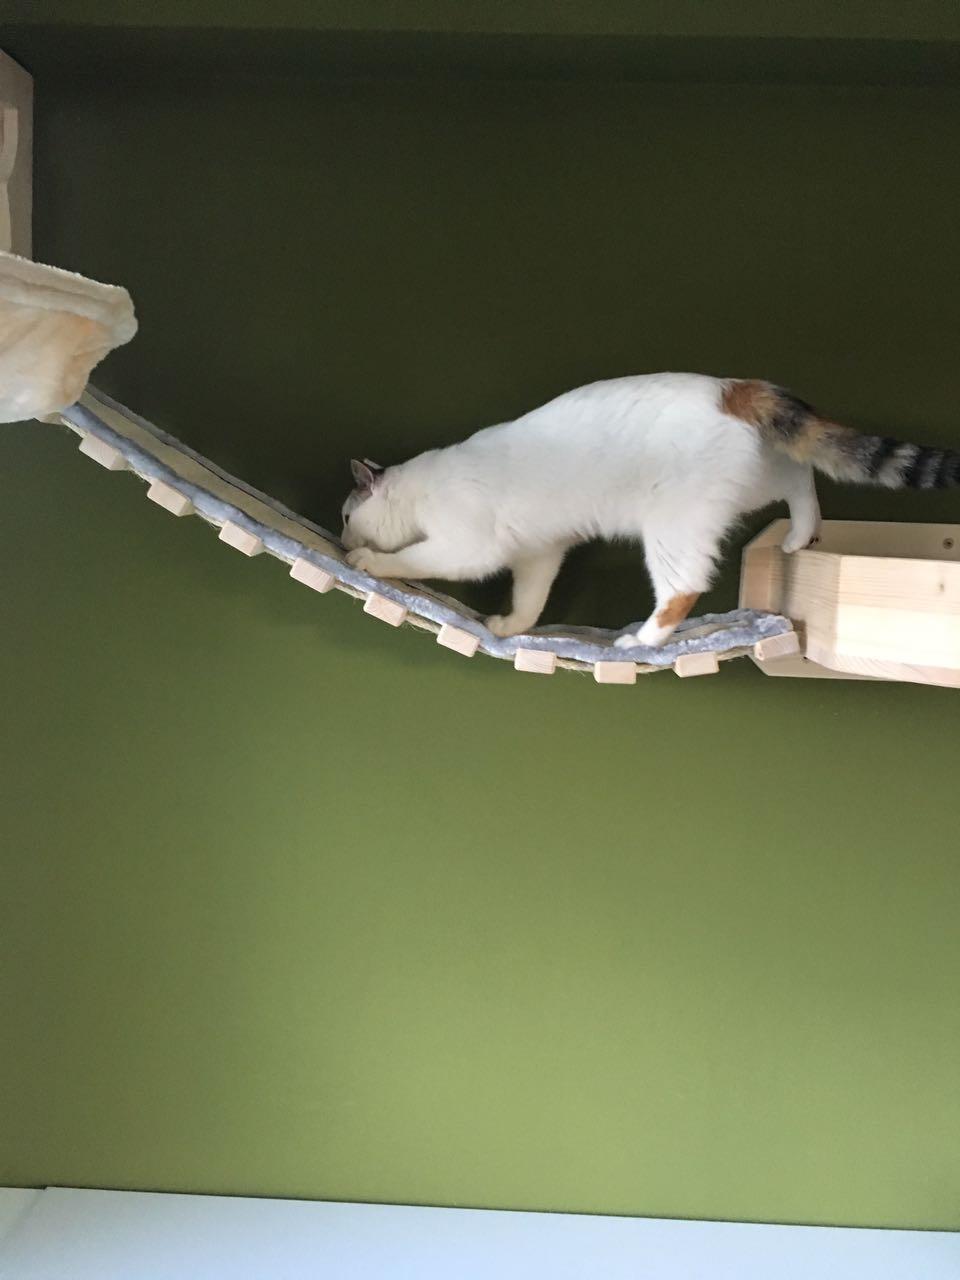 wandkratzbaumsystem catwalk h ngebr cke kratzb ume f r. Black Bedroom Furniture Sets. Home Design Ideas